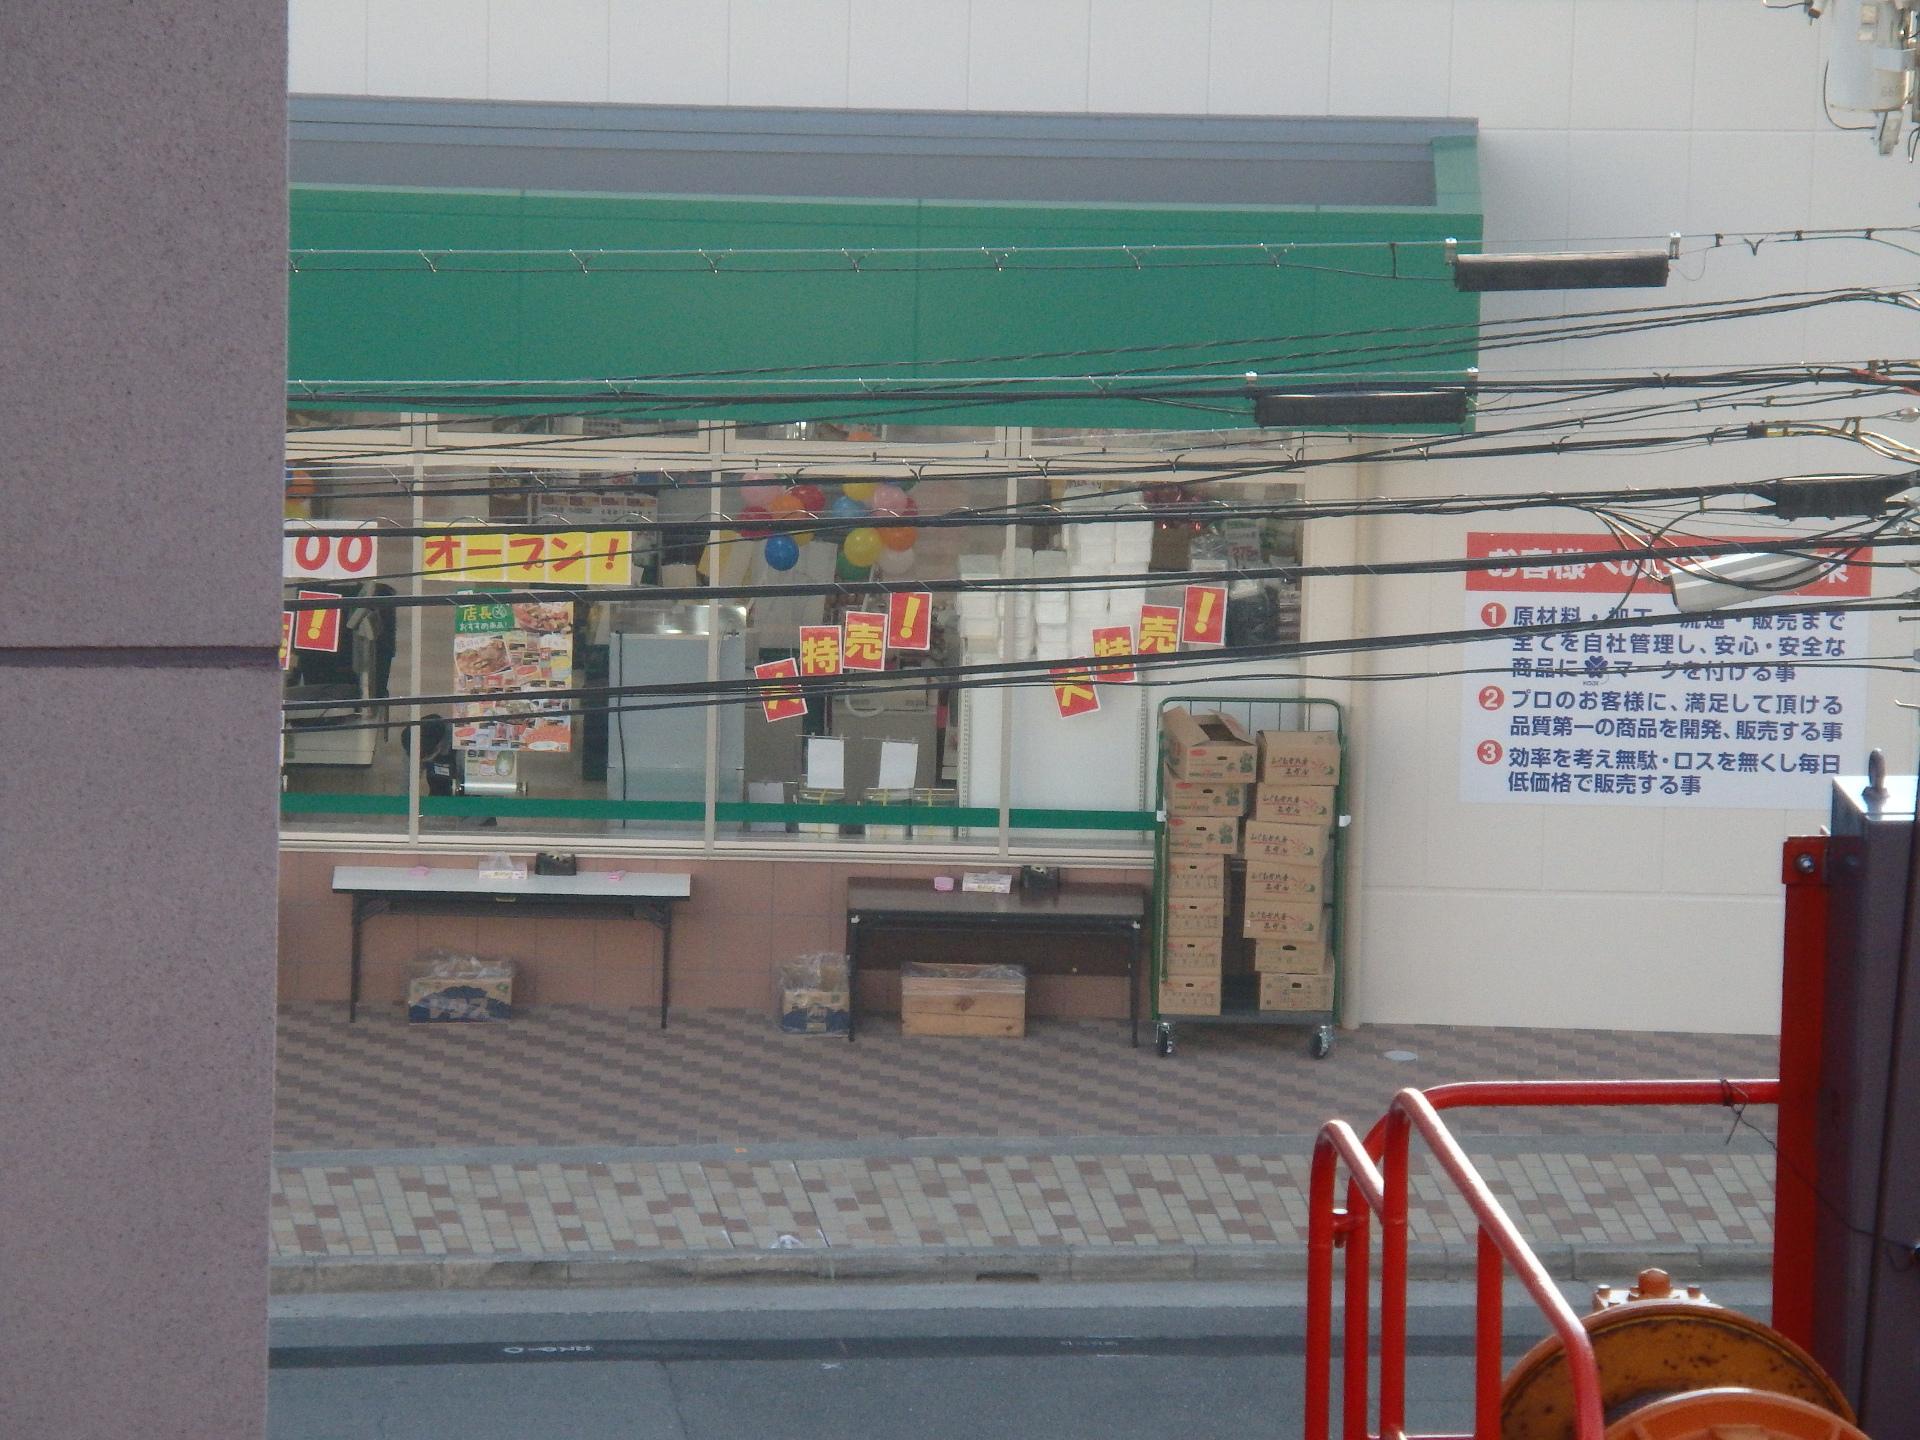 業務スーパー・江坂店です。